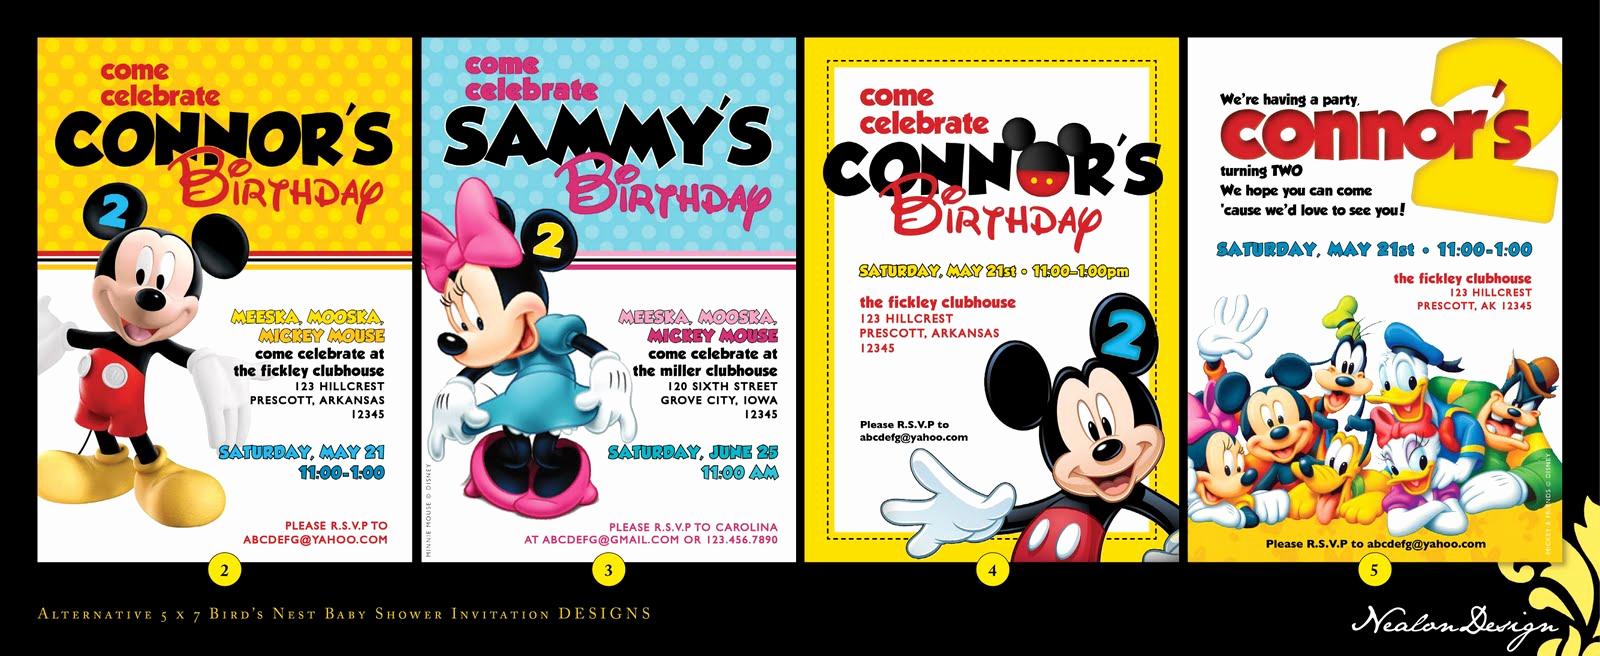 Mickey Mouse Clubhouse Invitation Unique Nealon Design Mickey Mouse Clubhouse Birthday Invitations